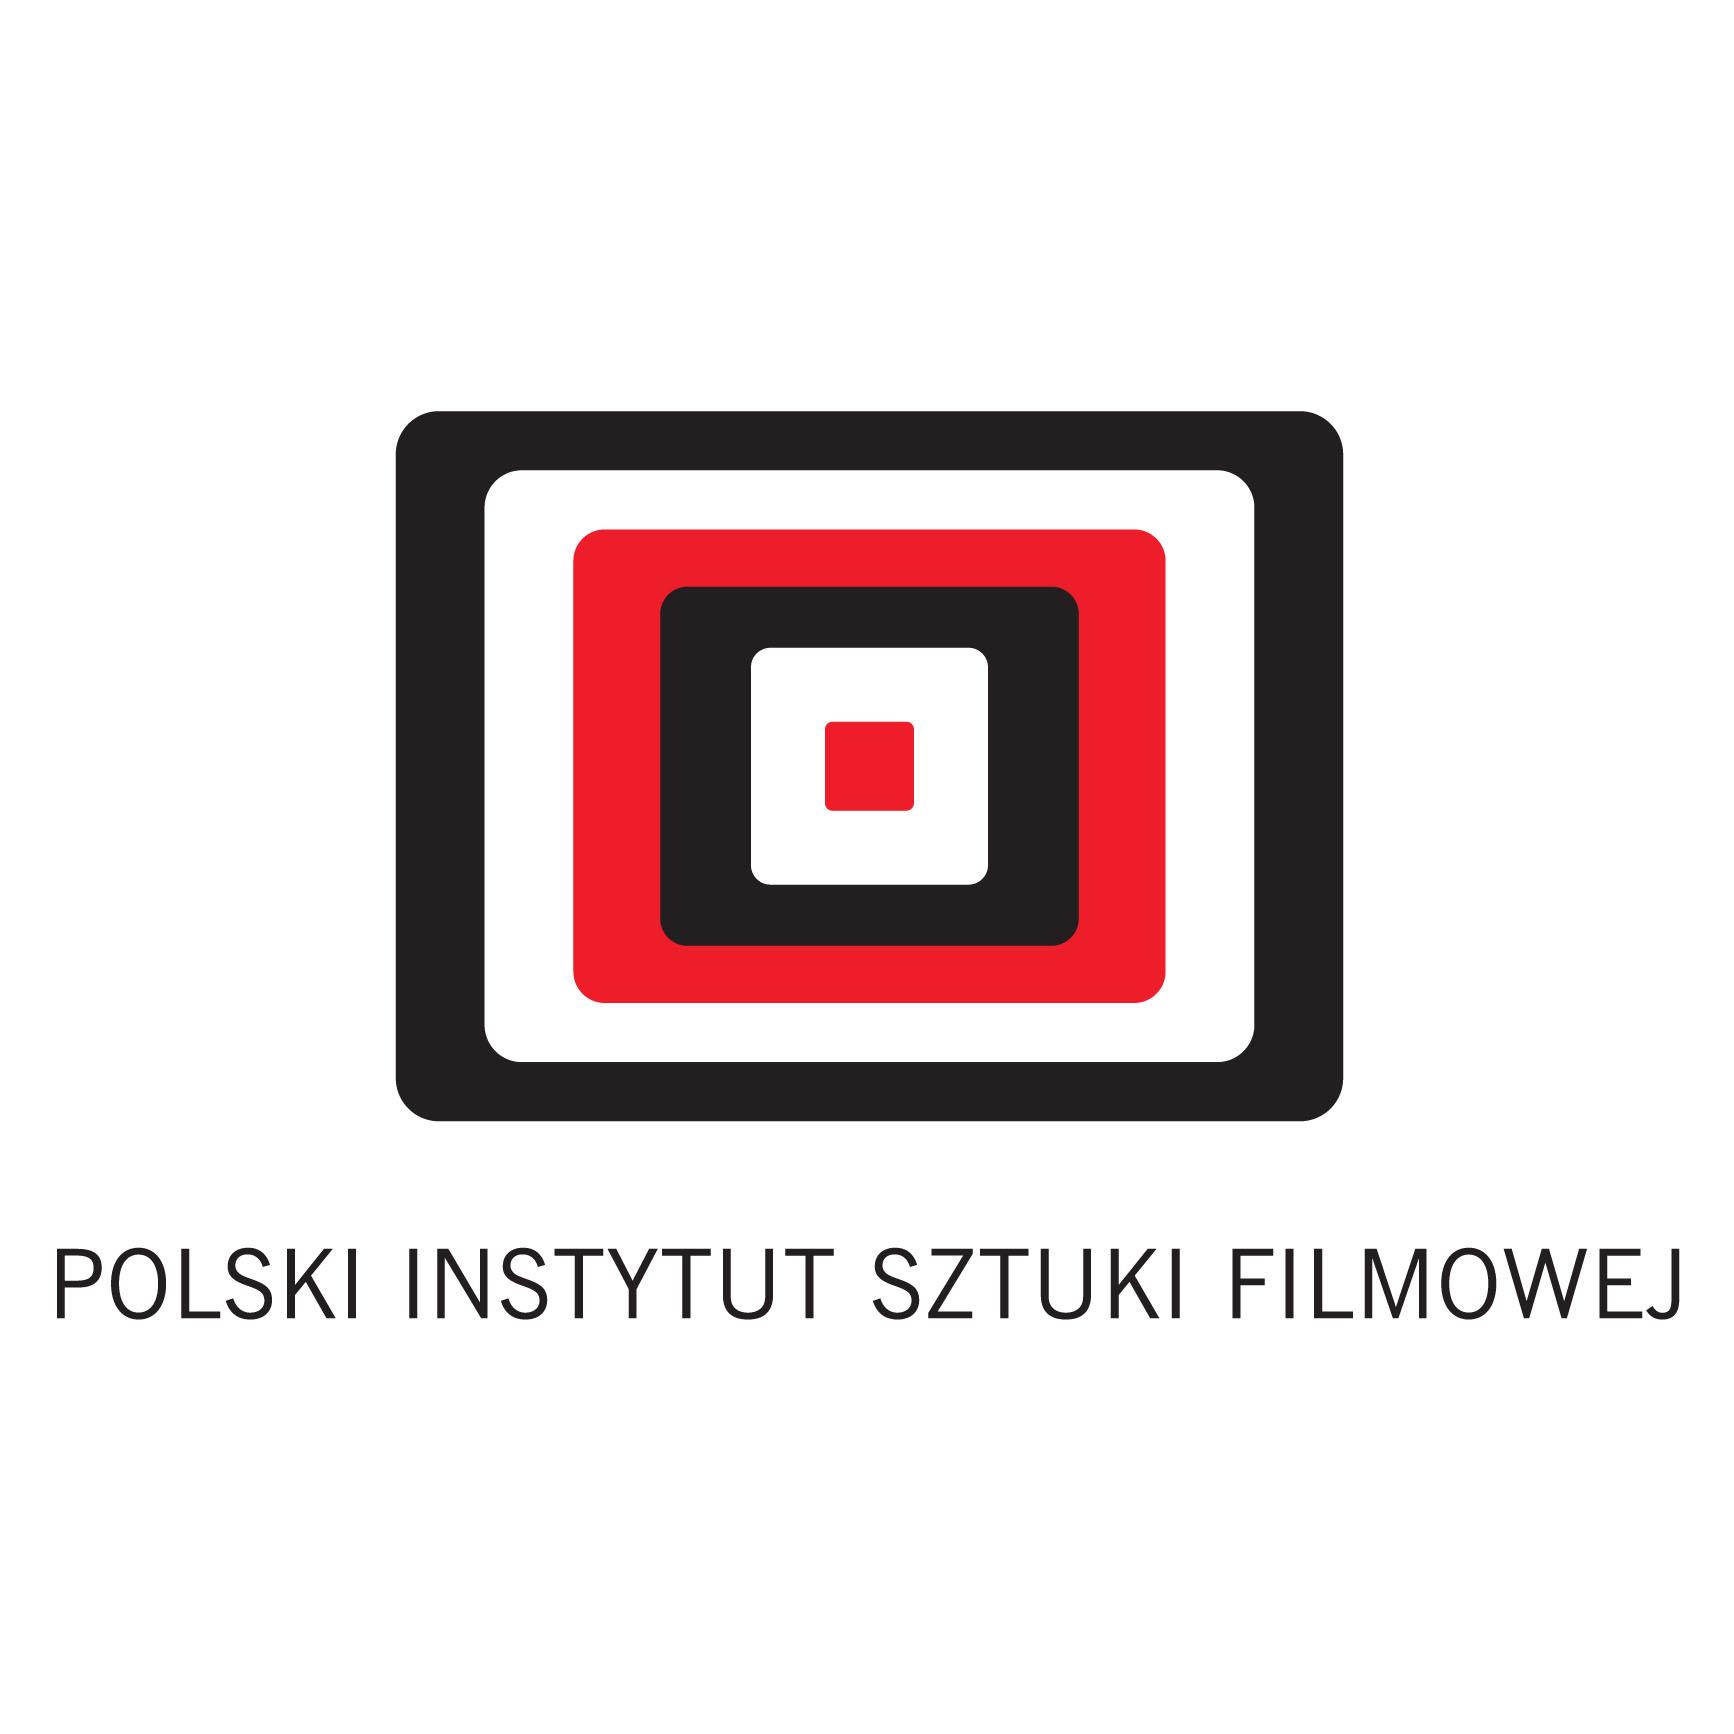 Polish Film Institute's logo.